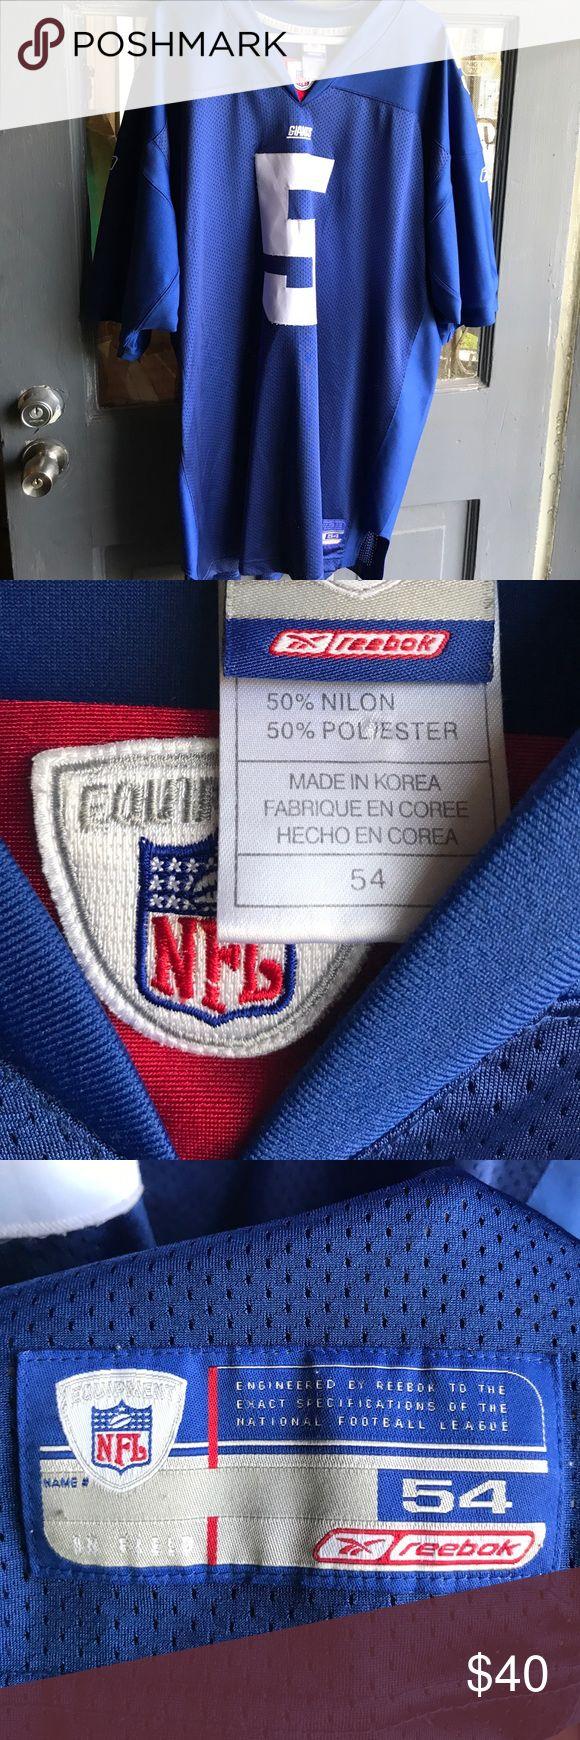 NFL Reebok Equipment Giants #5 Collins Jersey NFL Reebok Equipment #5 Collins Jersey / Giants / 2xl tall Nfl Reebok Equipment Shirts